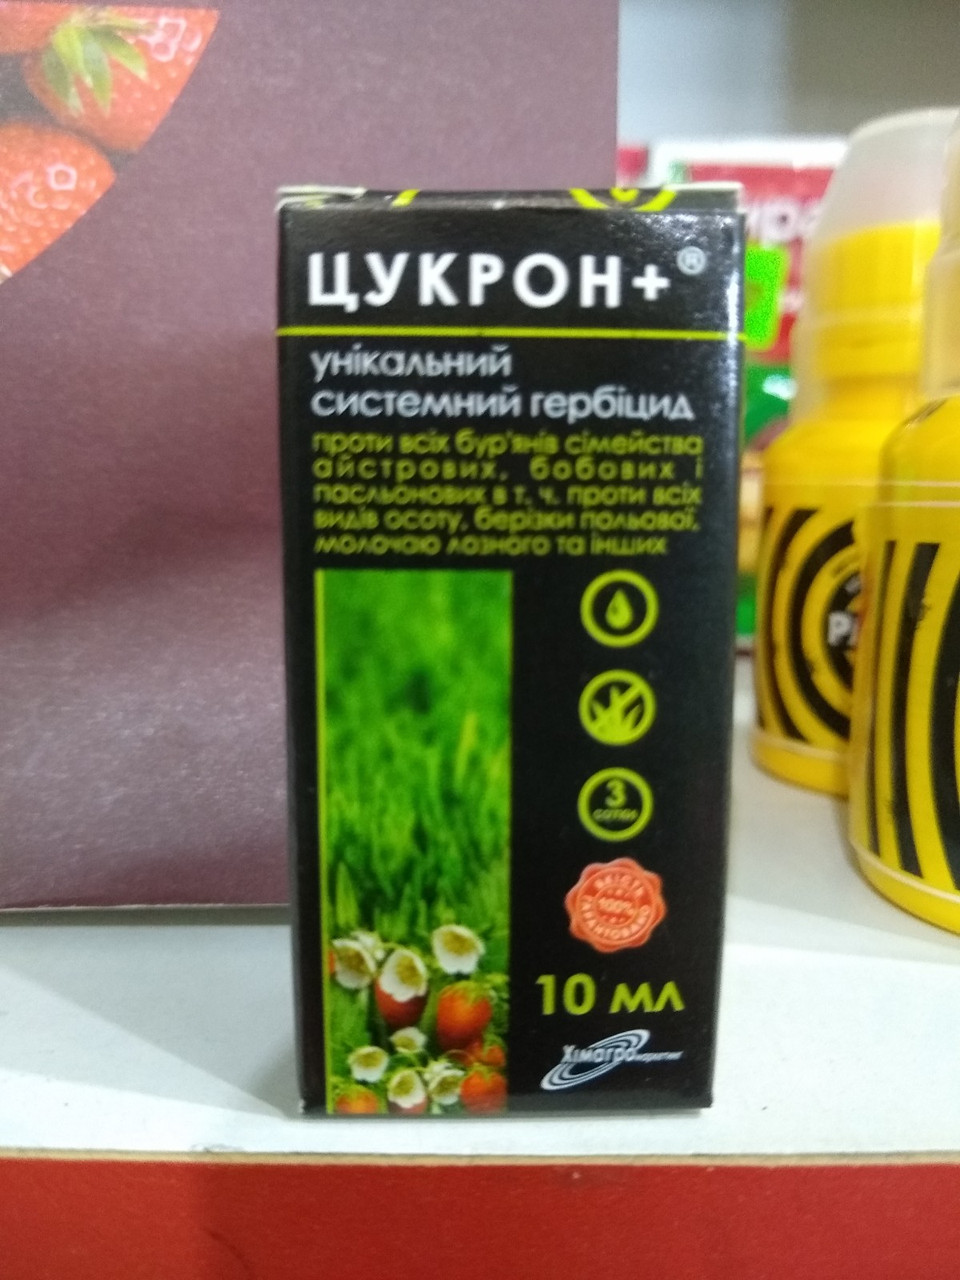 """Уникальный системный гербицид """"Цукрон +"""" 10 мл на 3 сотки, """"Химагромаркетинг"""""""